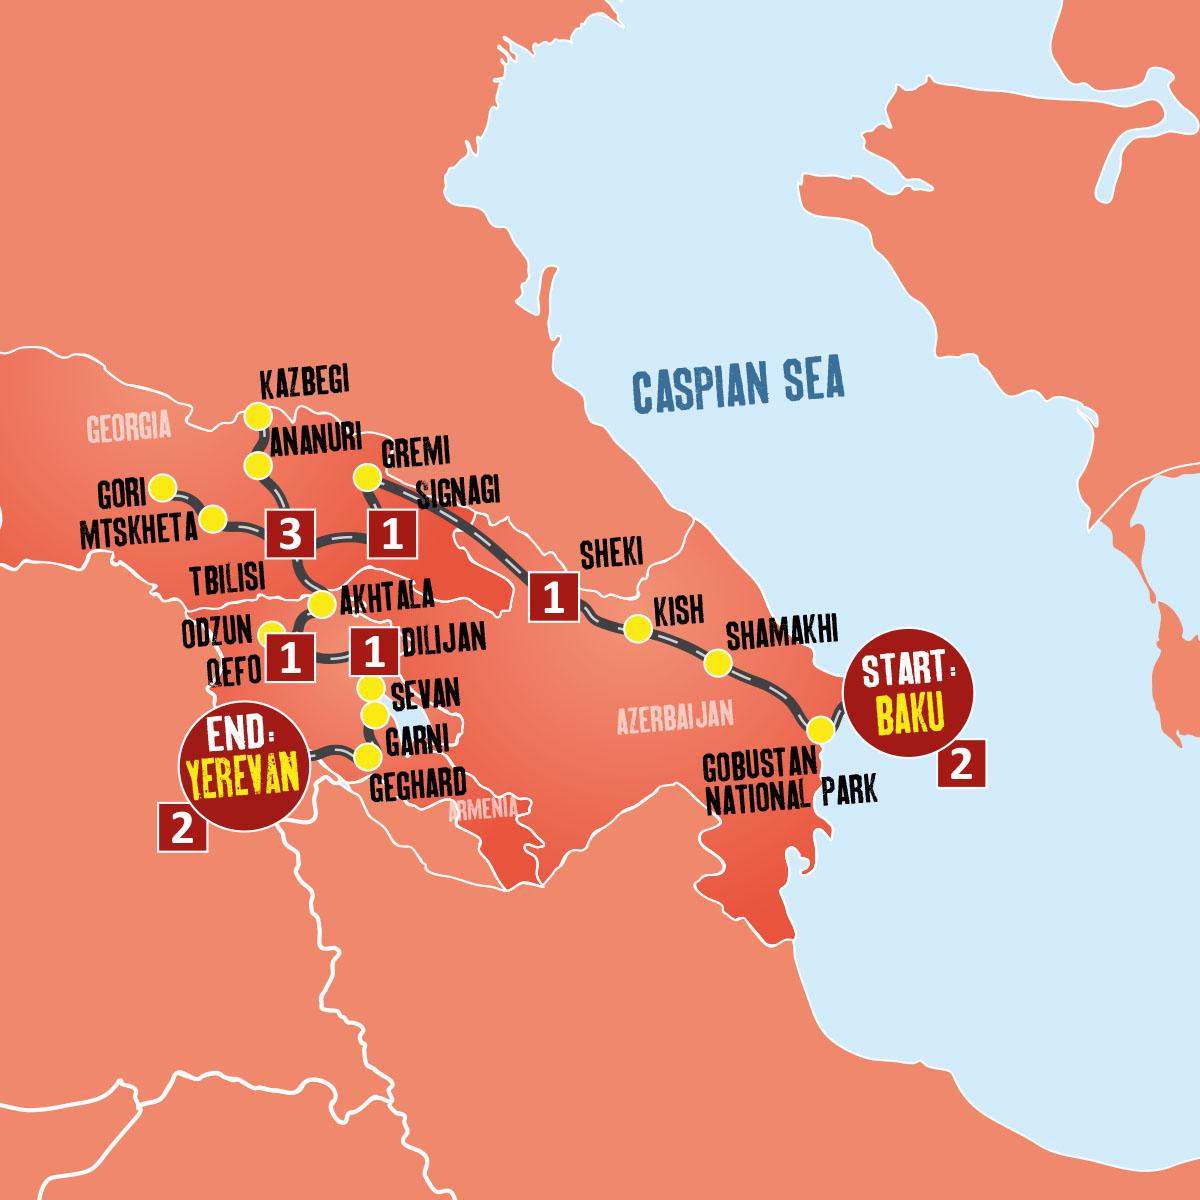 Map Of Georgia 7 Wonders.Guided Tours To Azerbaijan Georgia Armenia Expat Explore